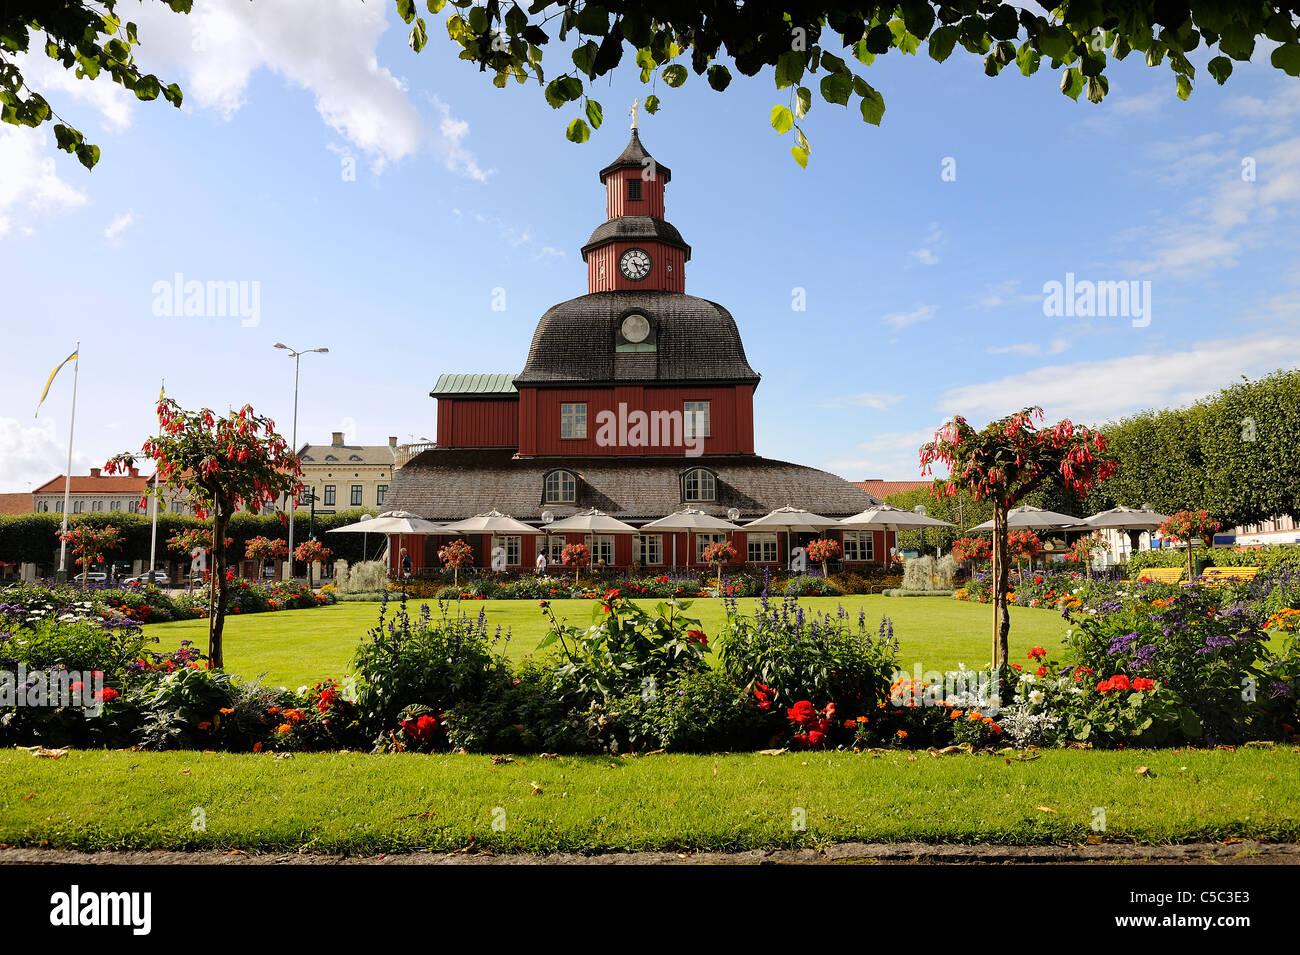 Altes Rathaus Mit Blumen Im Vorgarten In Lidkoping Schweden